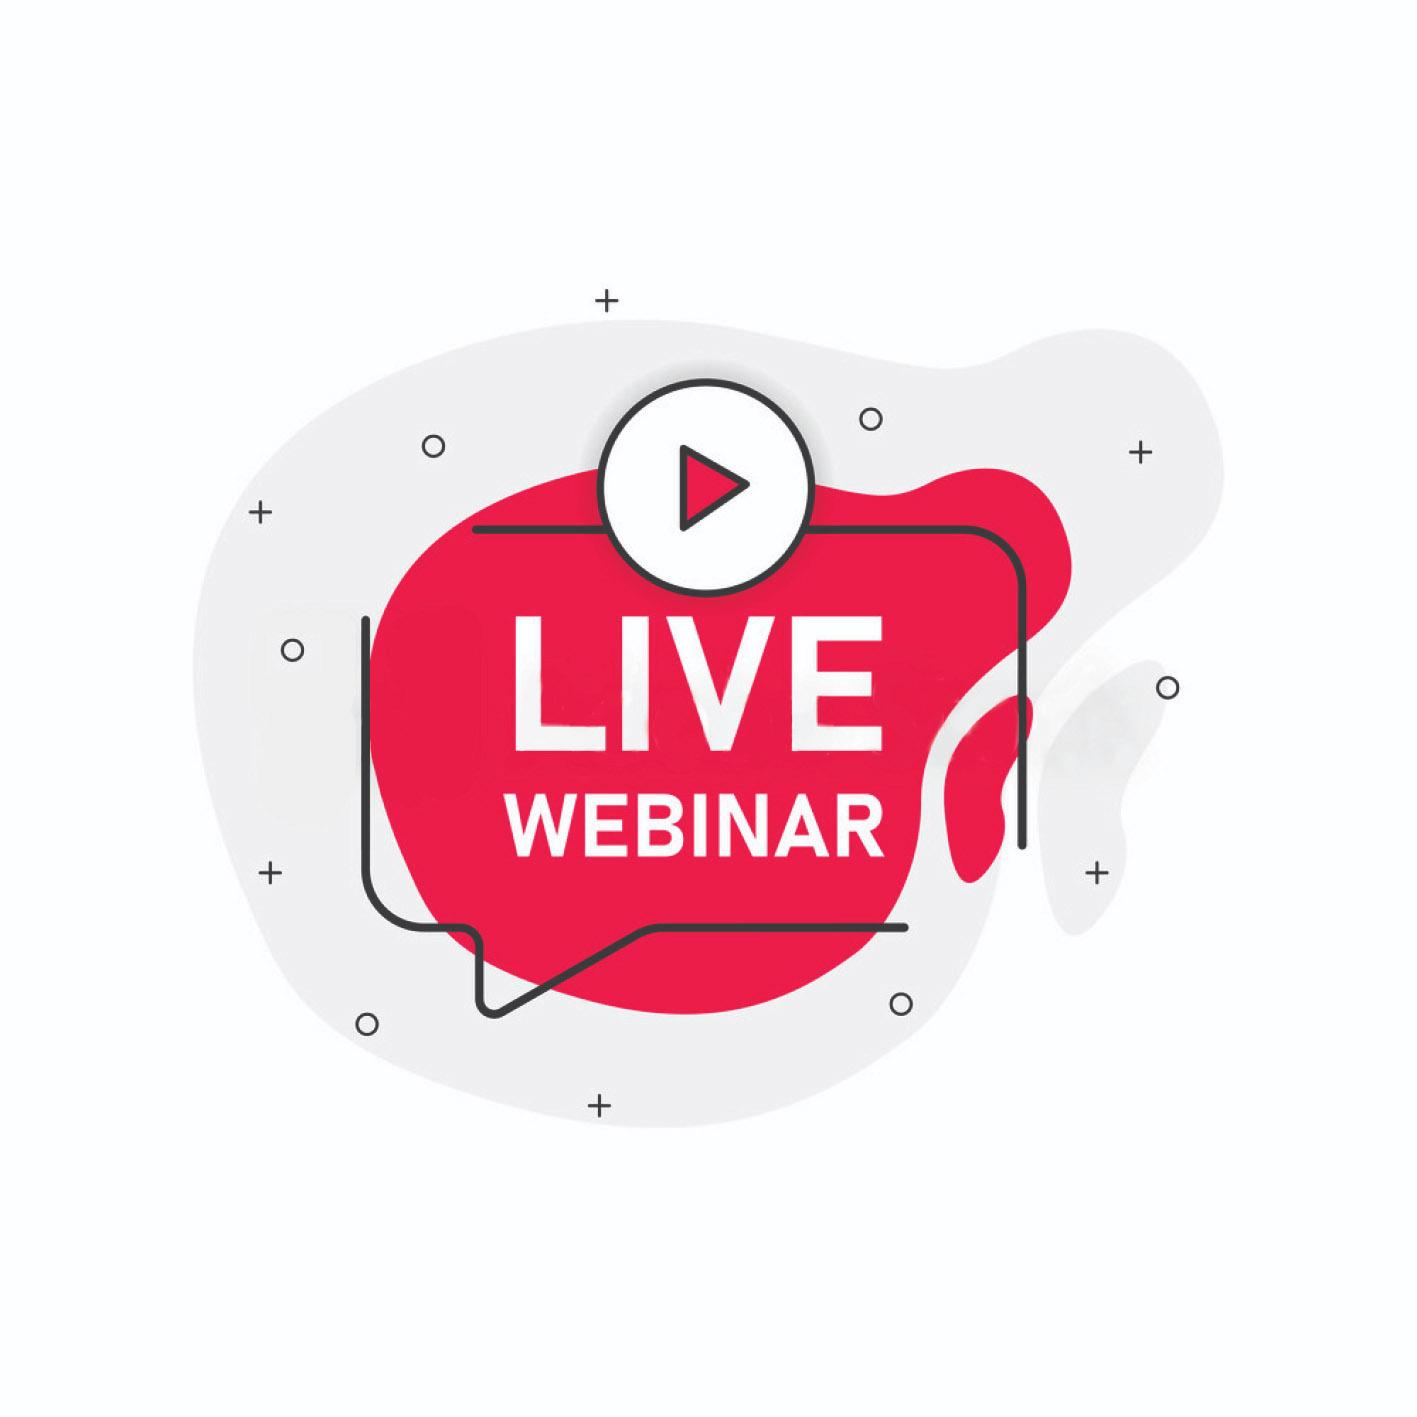 live webenar